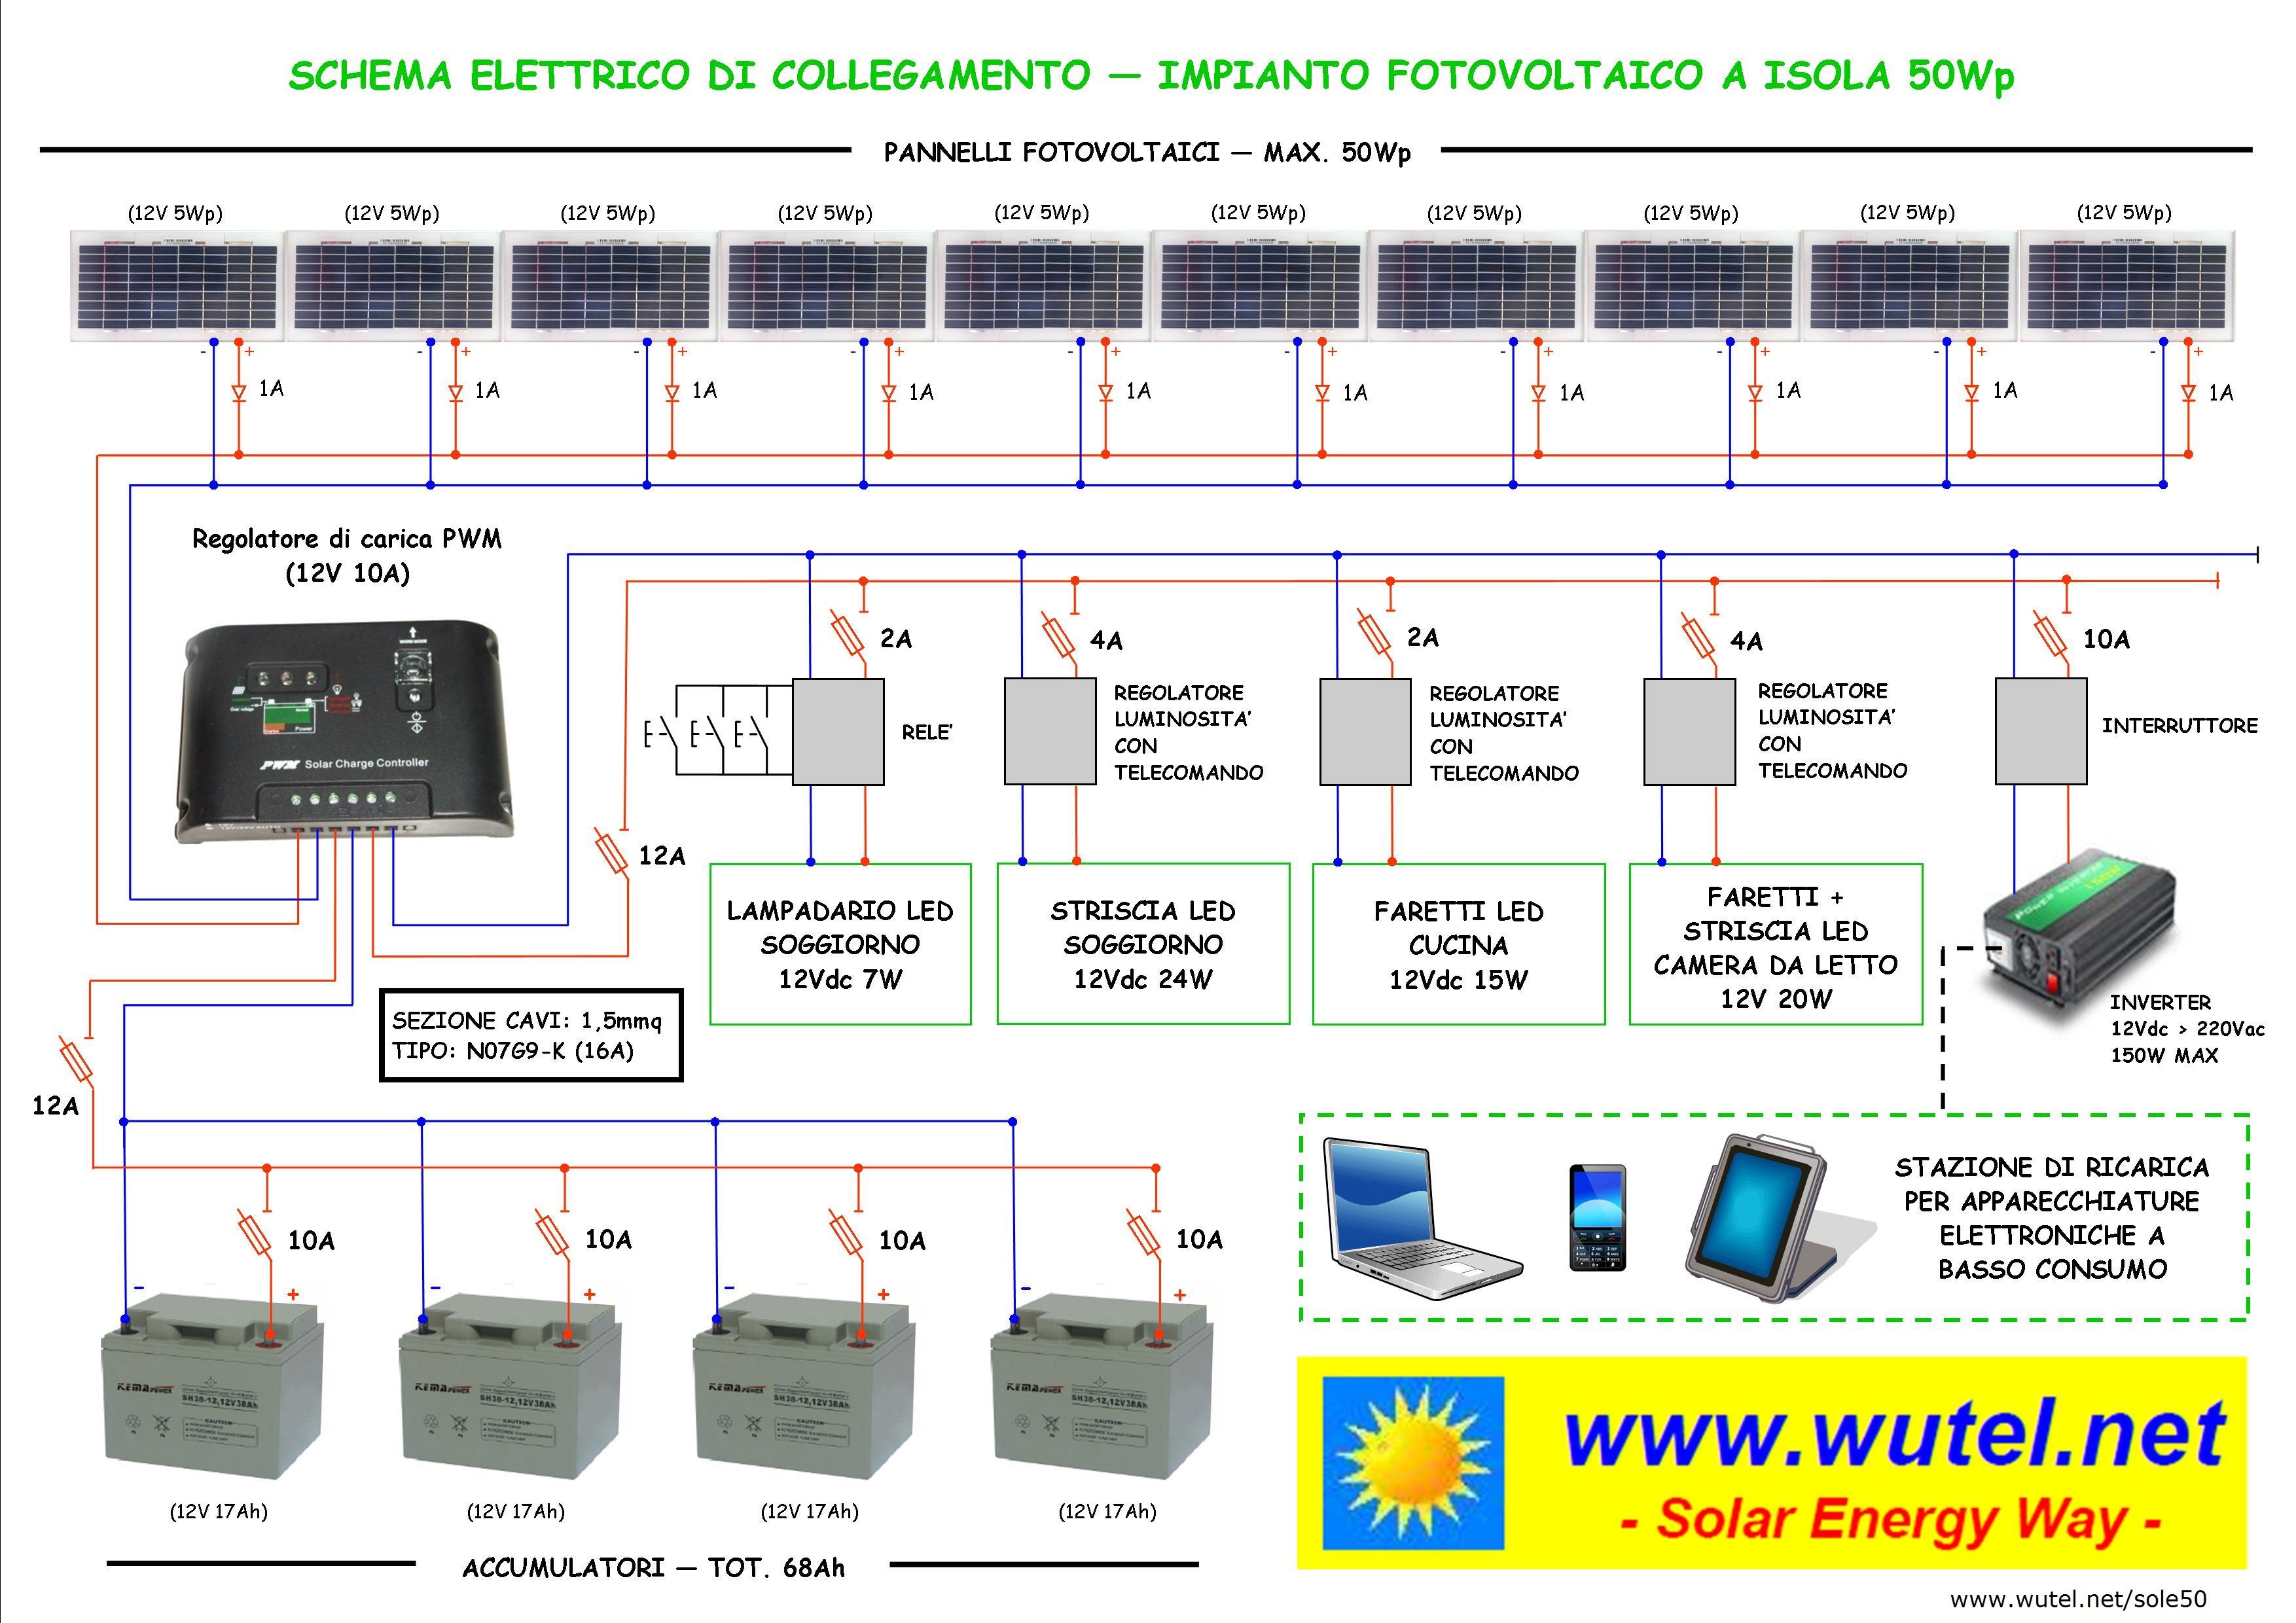 Schema Elettrico Fotovoltaico : Wutel sole